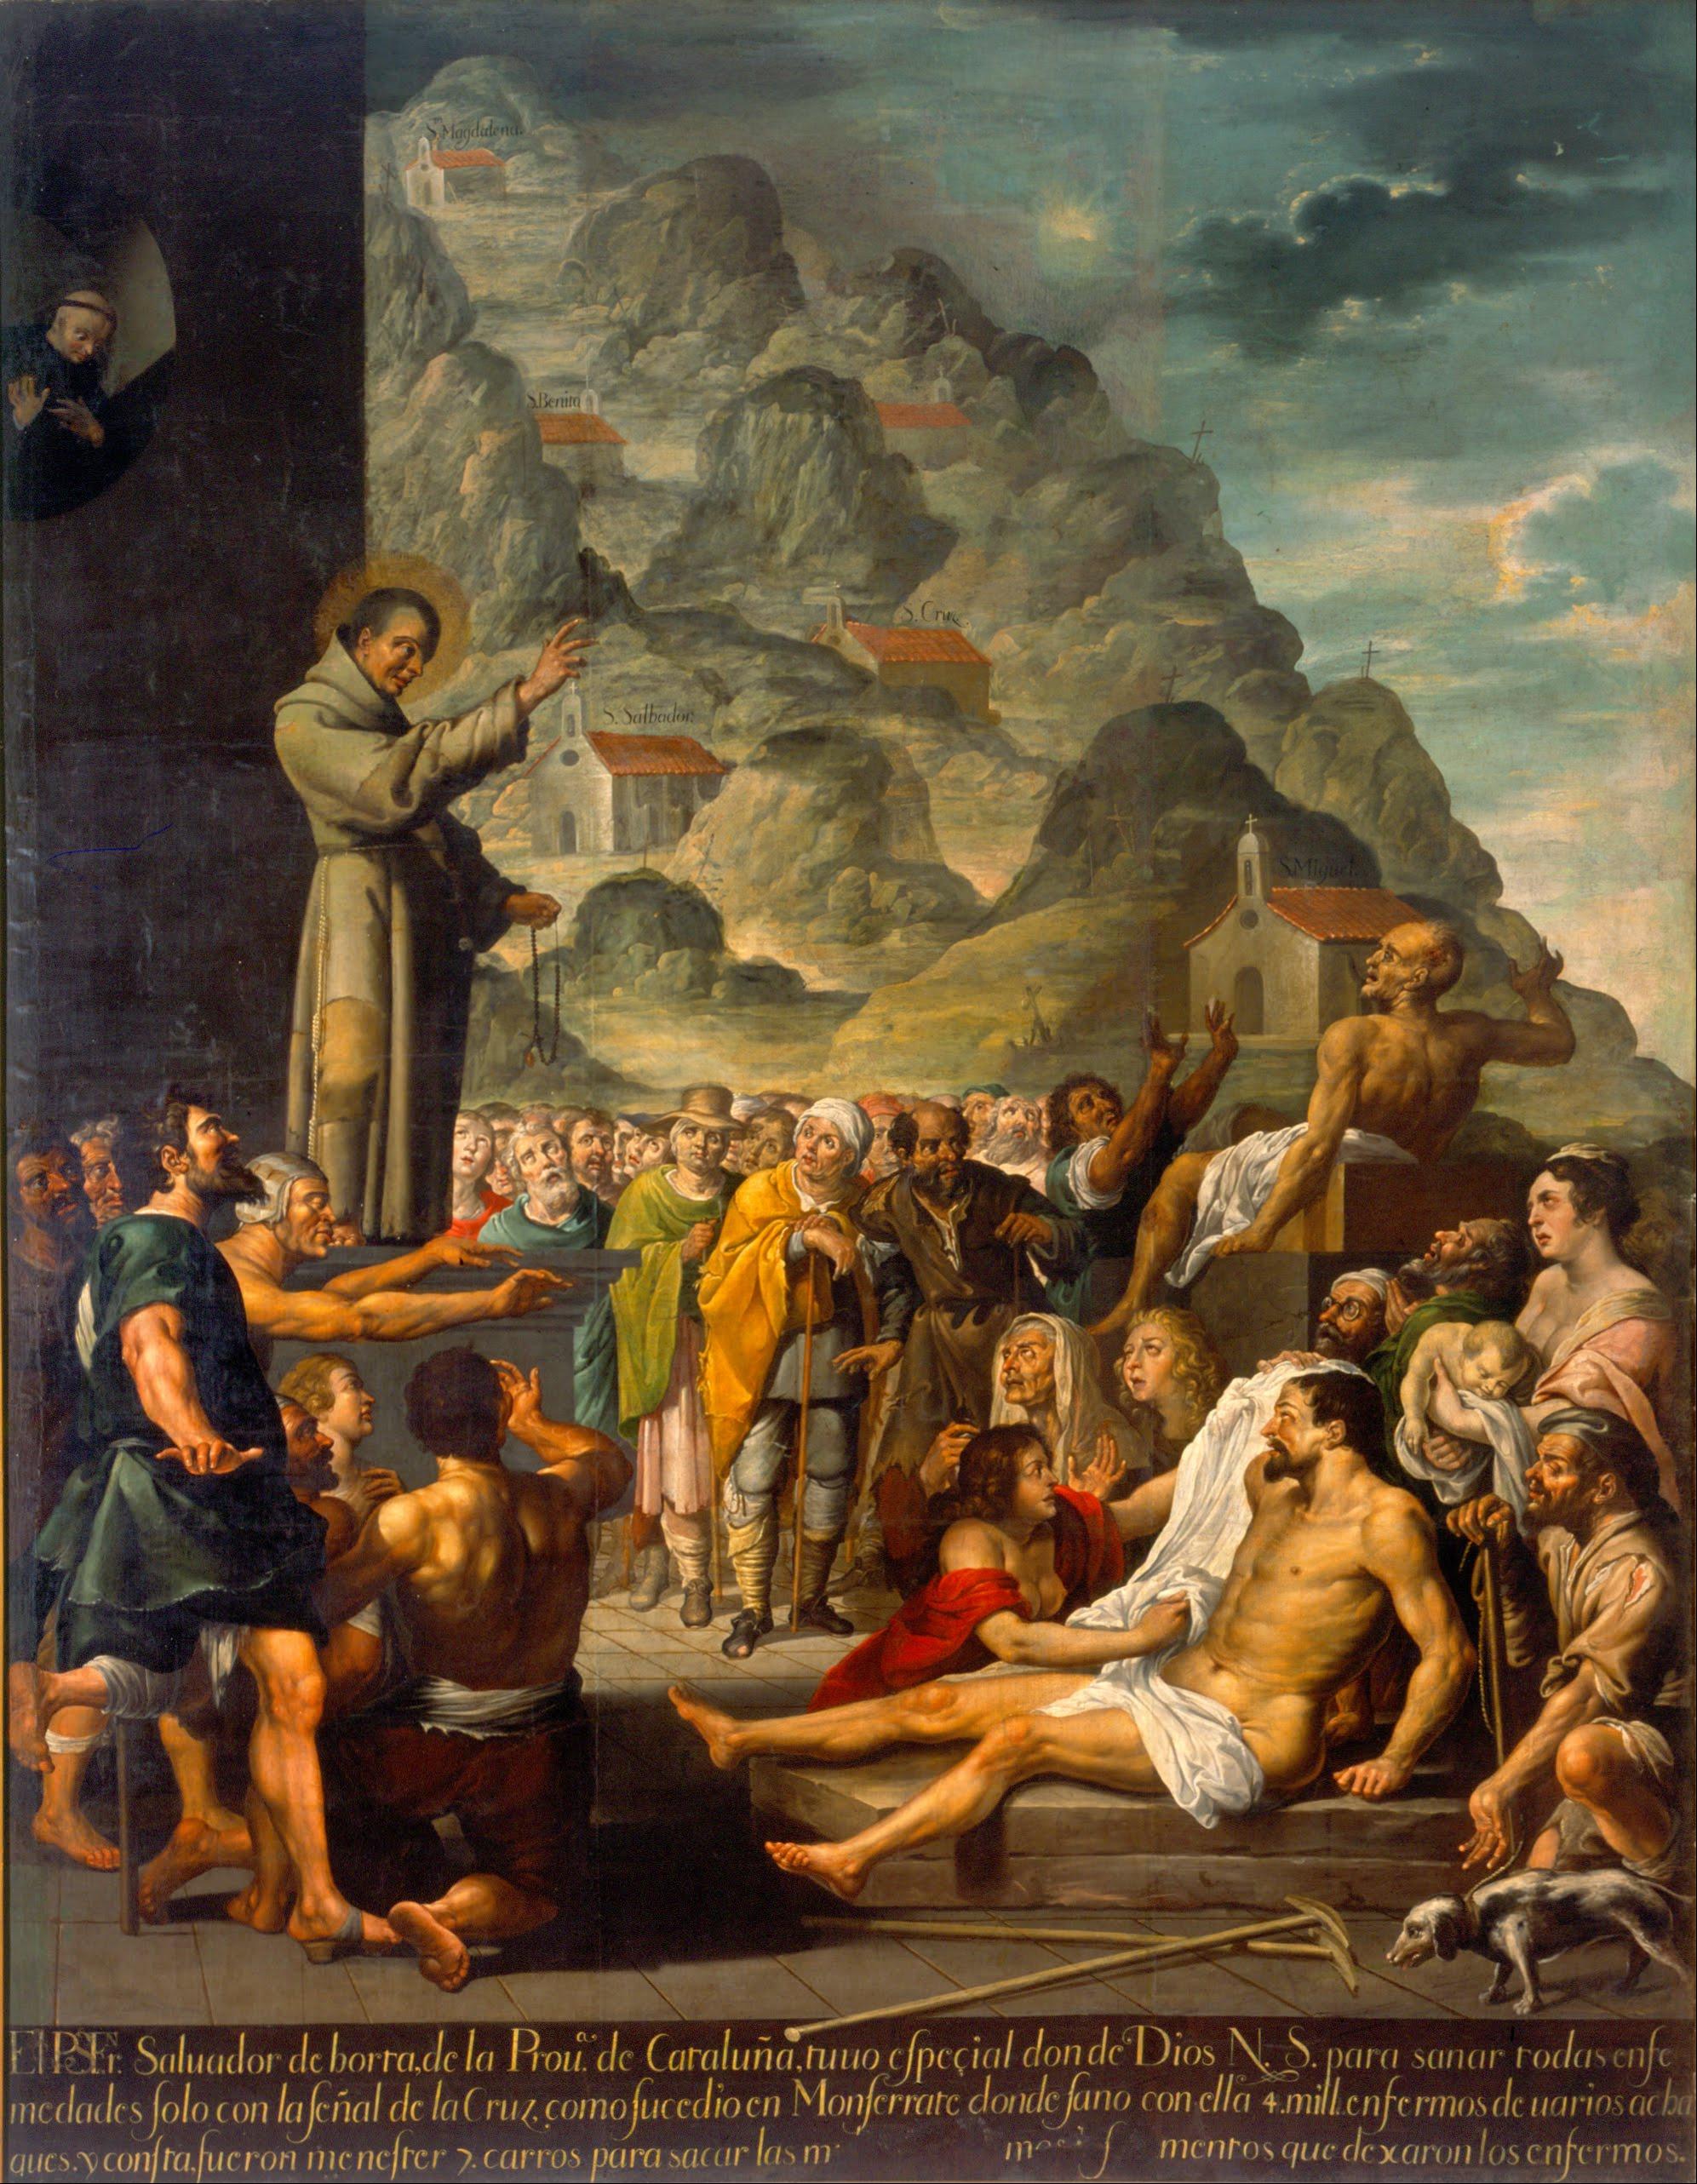 Un dipinto che raffigura Fra Salvatore da Horta mentre compie un miracolo